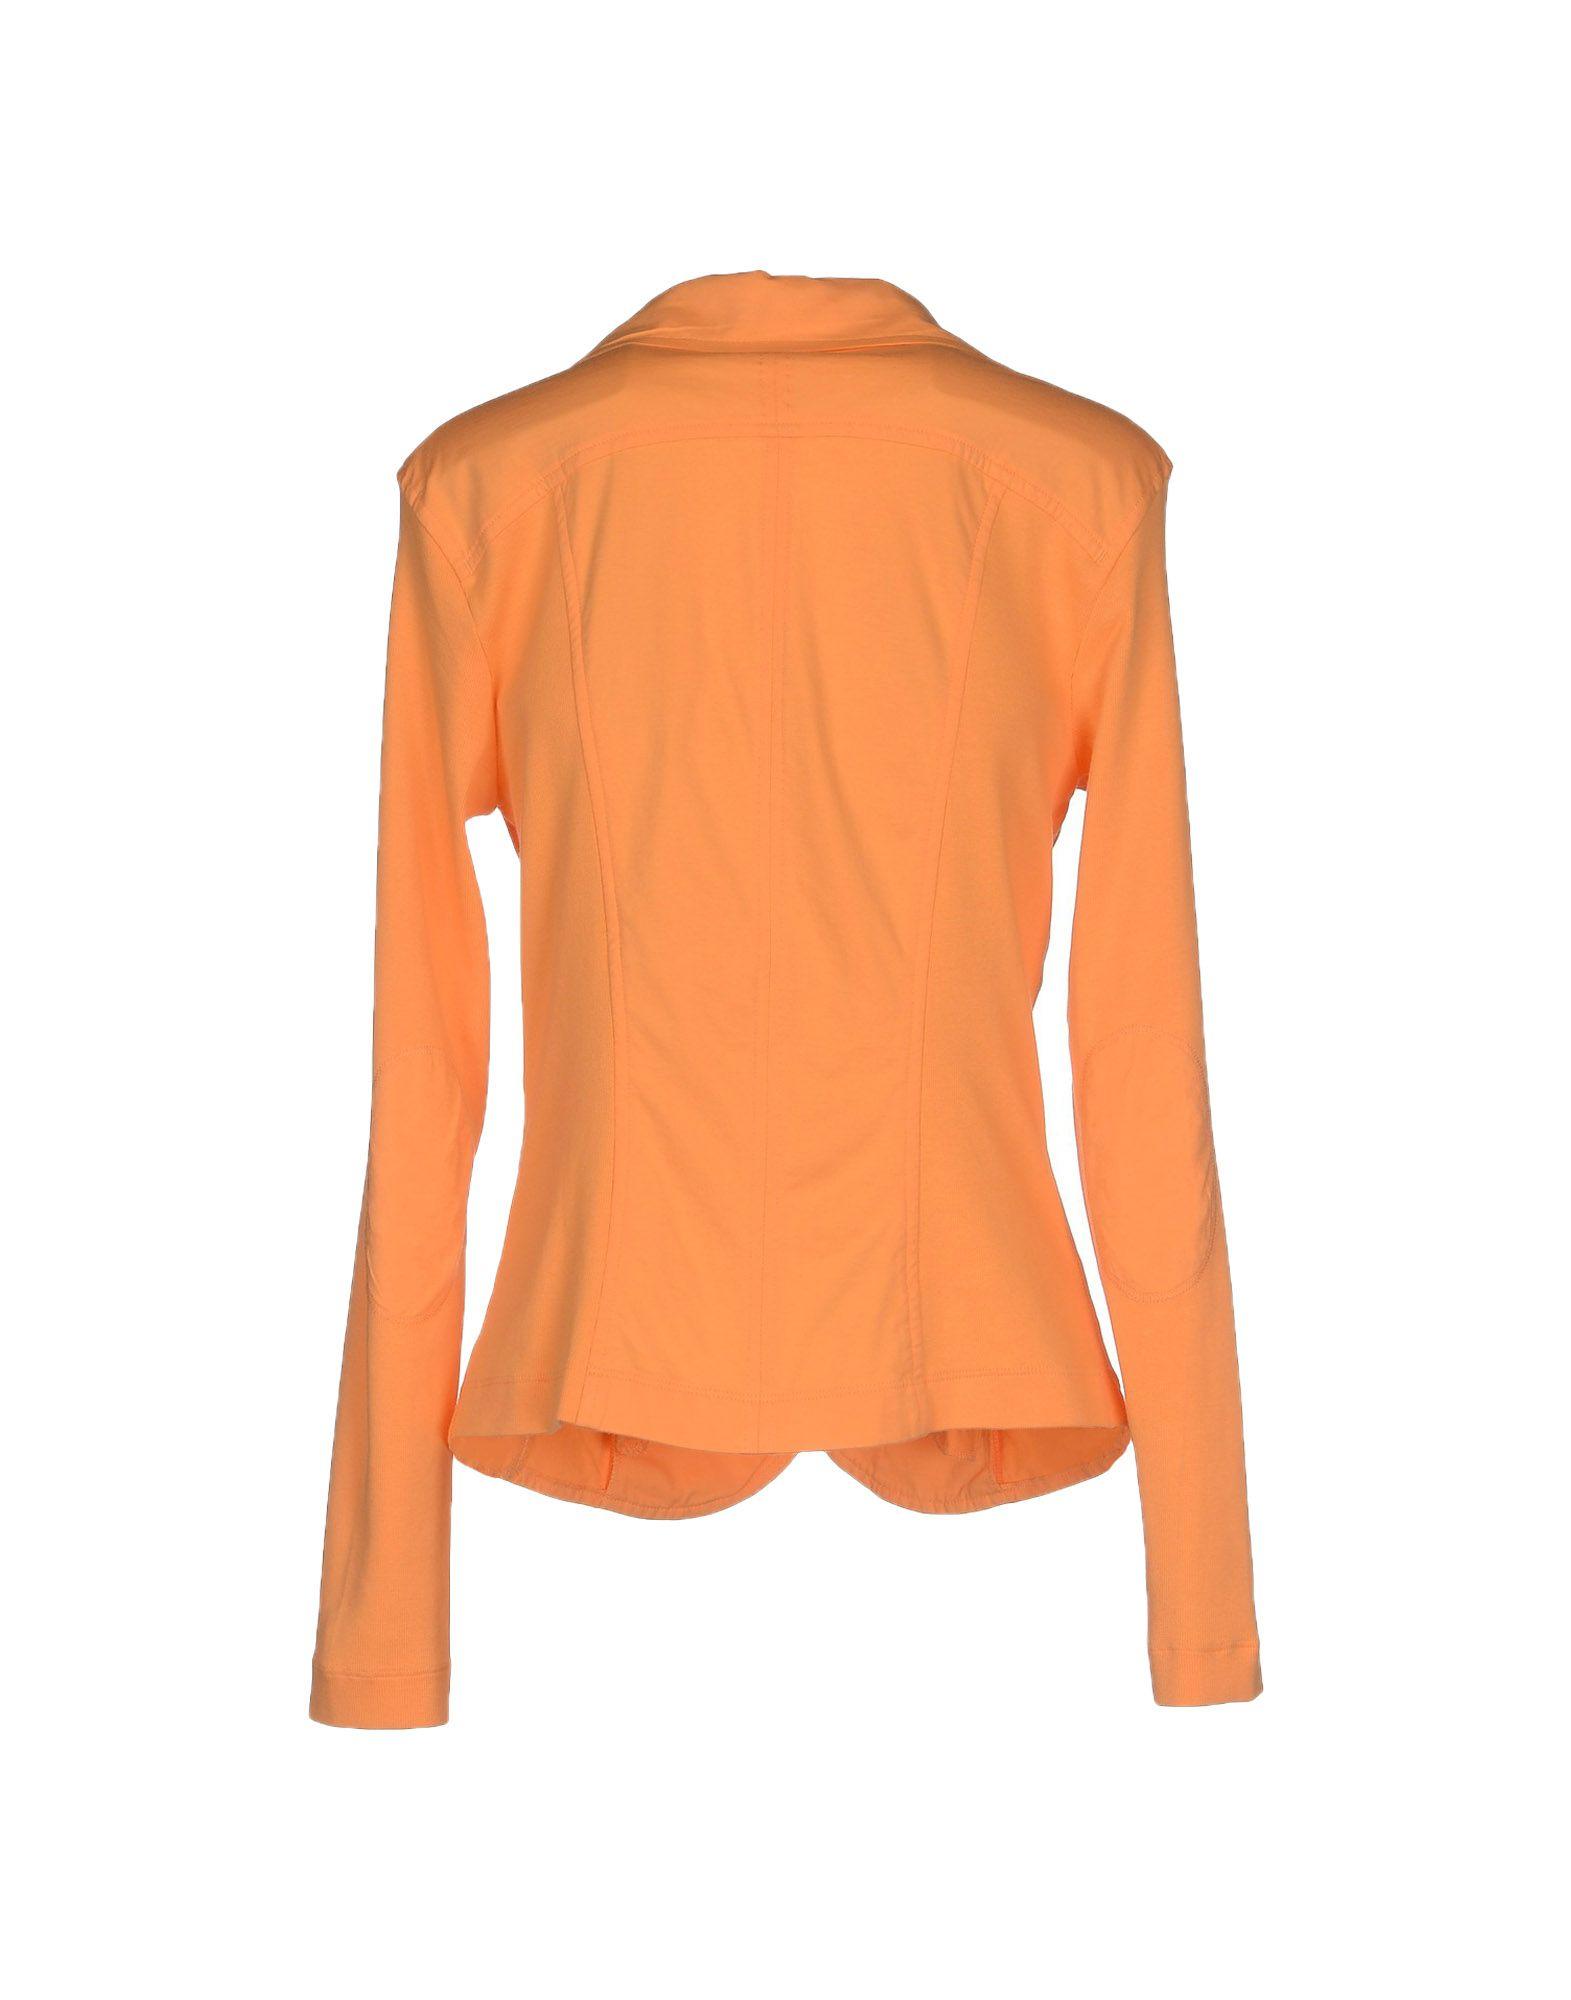 marc cain blazer in orange lyst. Black Bedroom Furniture Sets. Home Design Ideas